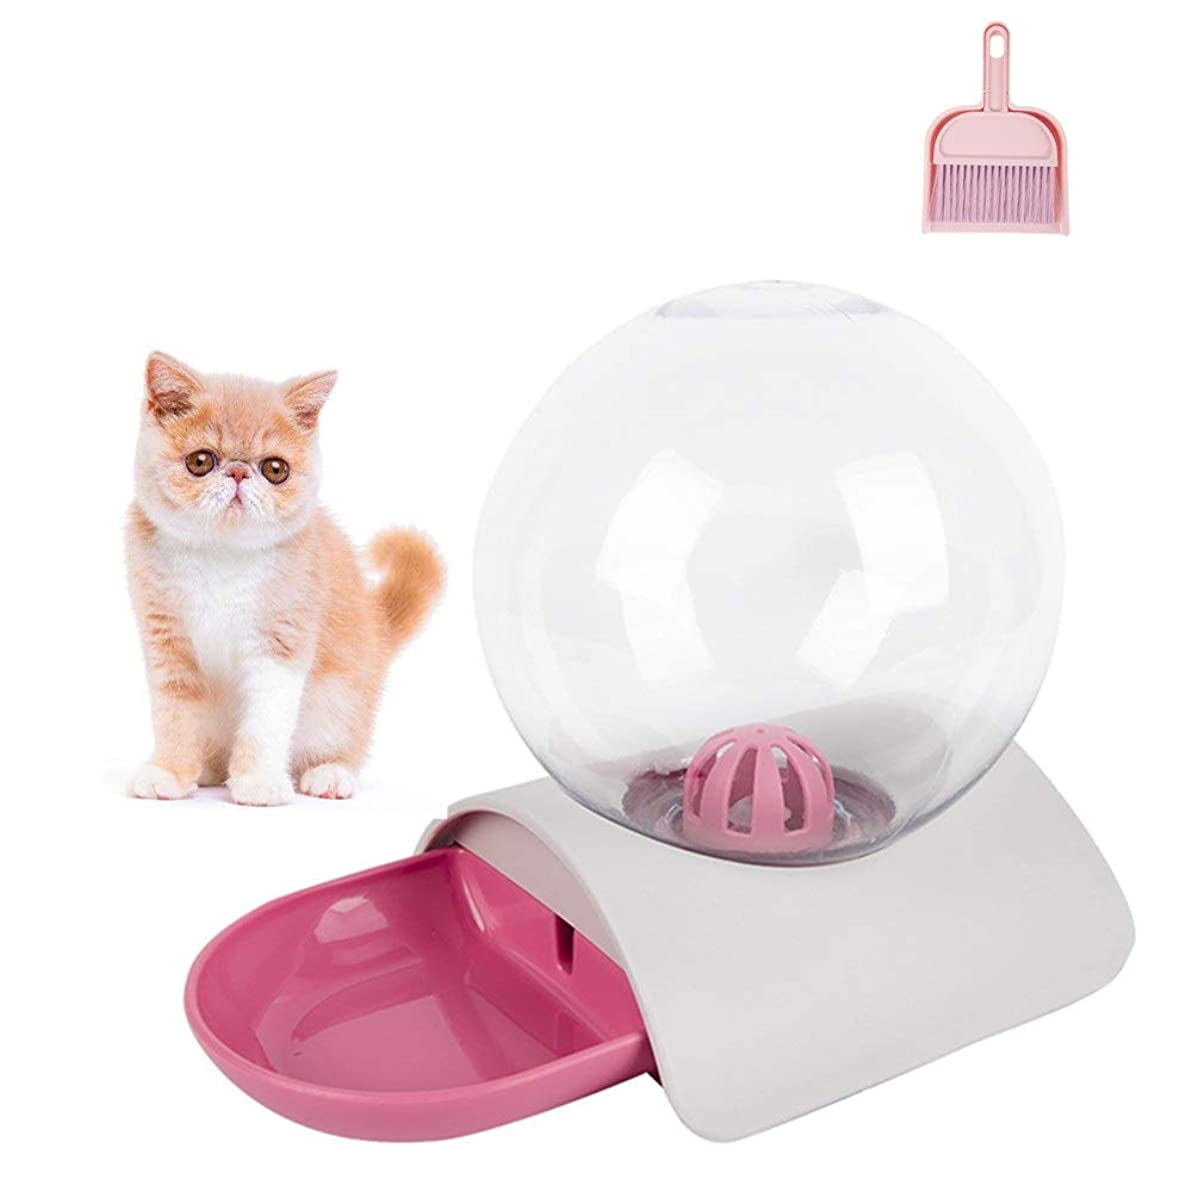 クローゼットカナダ子供達ペット用給水器 水飲み器 自動給水器 ウォーターディスペンサー 自動補水 ダブルフィター 大/中/小型猫用 犬用 綺麗な外観 使用便利 健康 衛生 安全 掃除道具付け(ピンク)